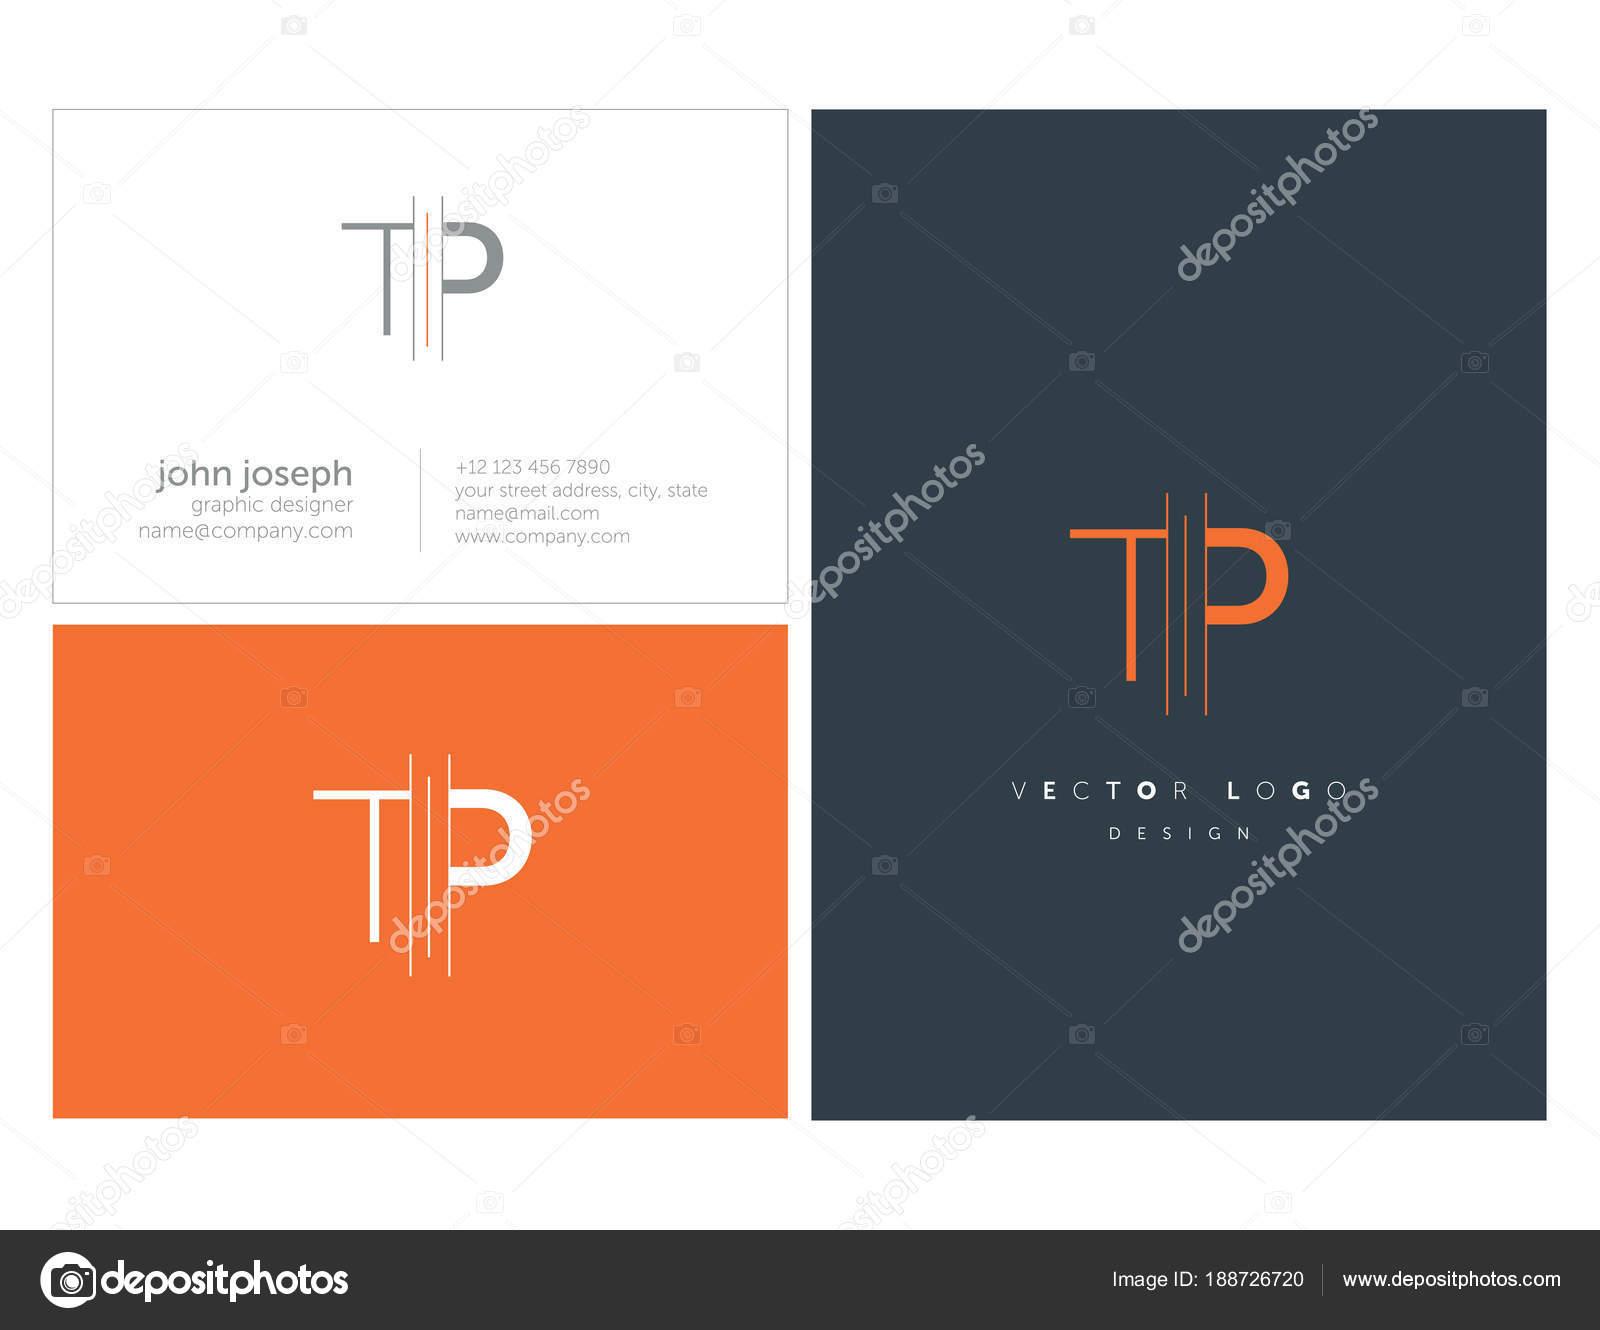 Commune De Ligne Logo Tp Pour Modele Carte Visite Vector Illustration Vecteur Par Ajayandzyngmail